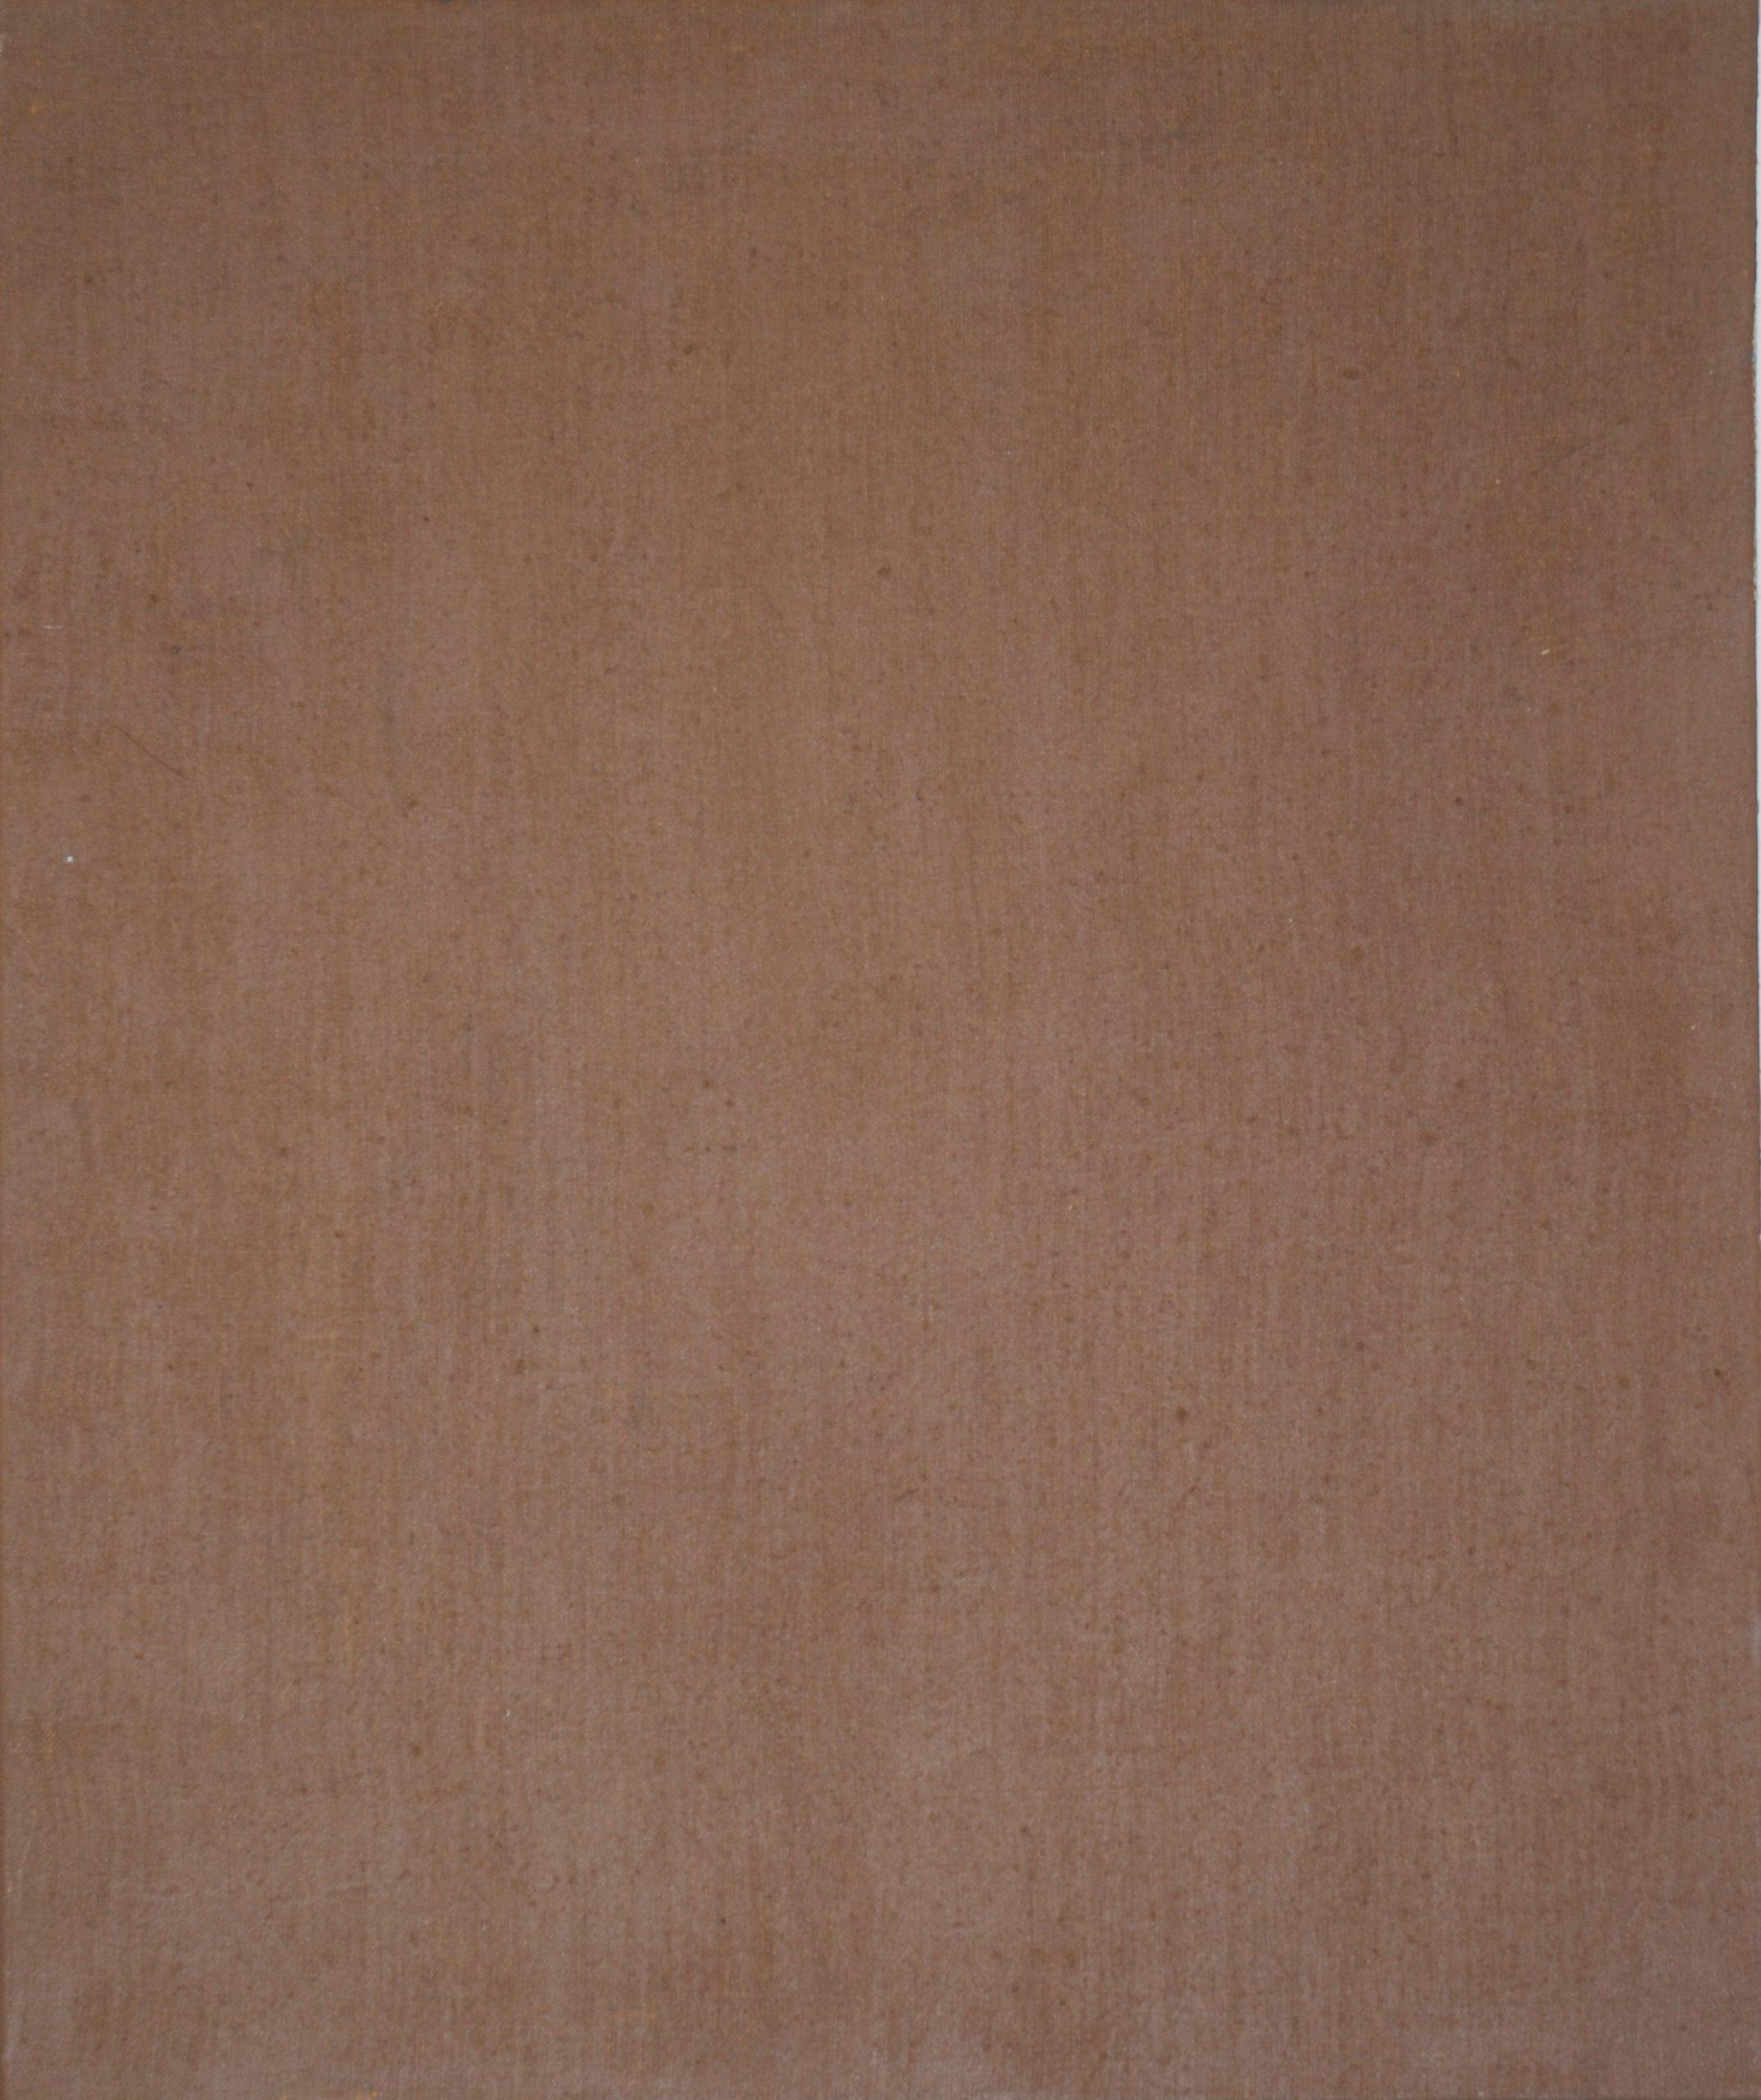 métamorphose 4 huile sur toile 65x55 cm